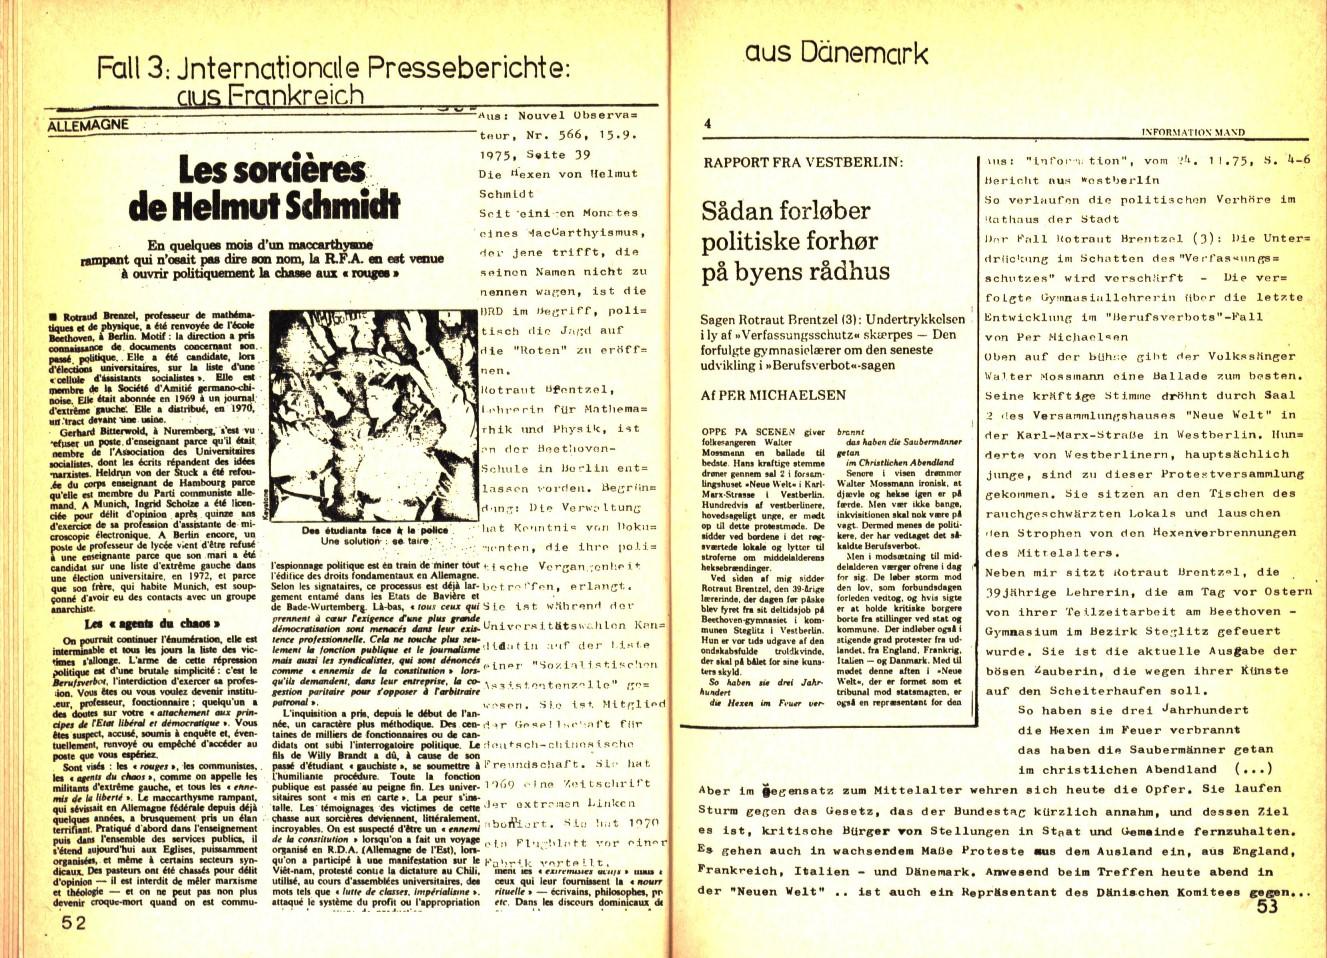 Berlin_VDS_Aktionskomitee_1976_BerufsverboteIII_28